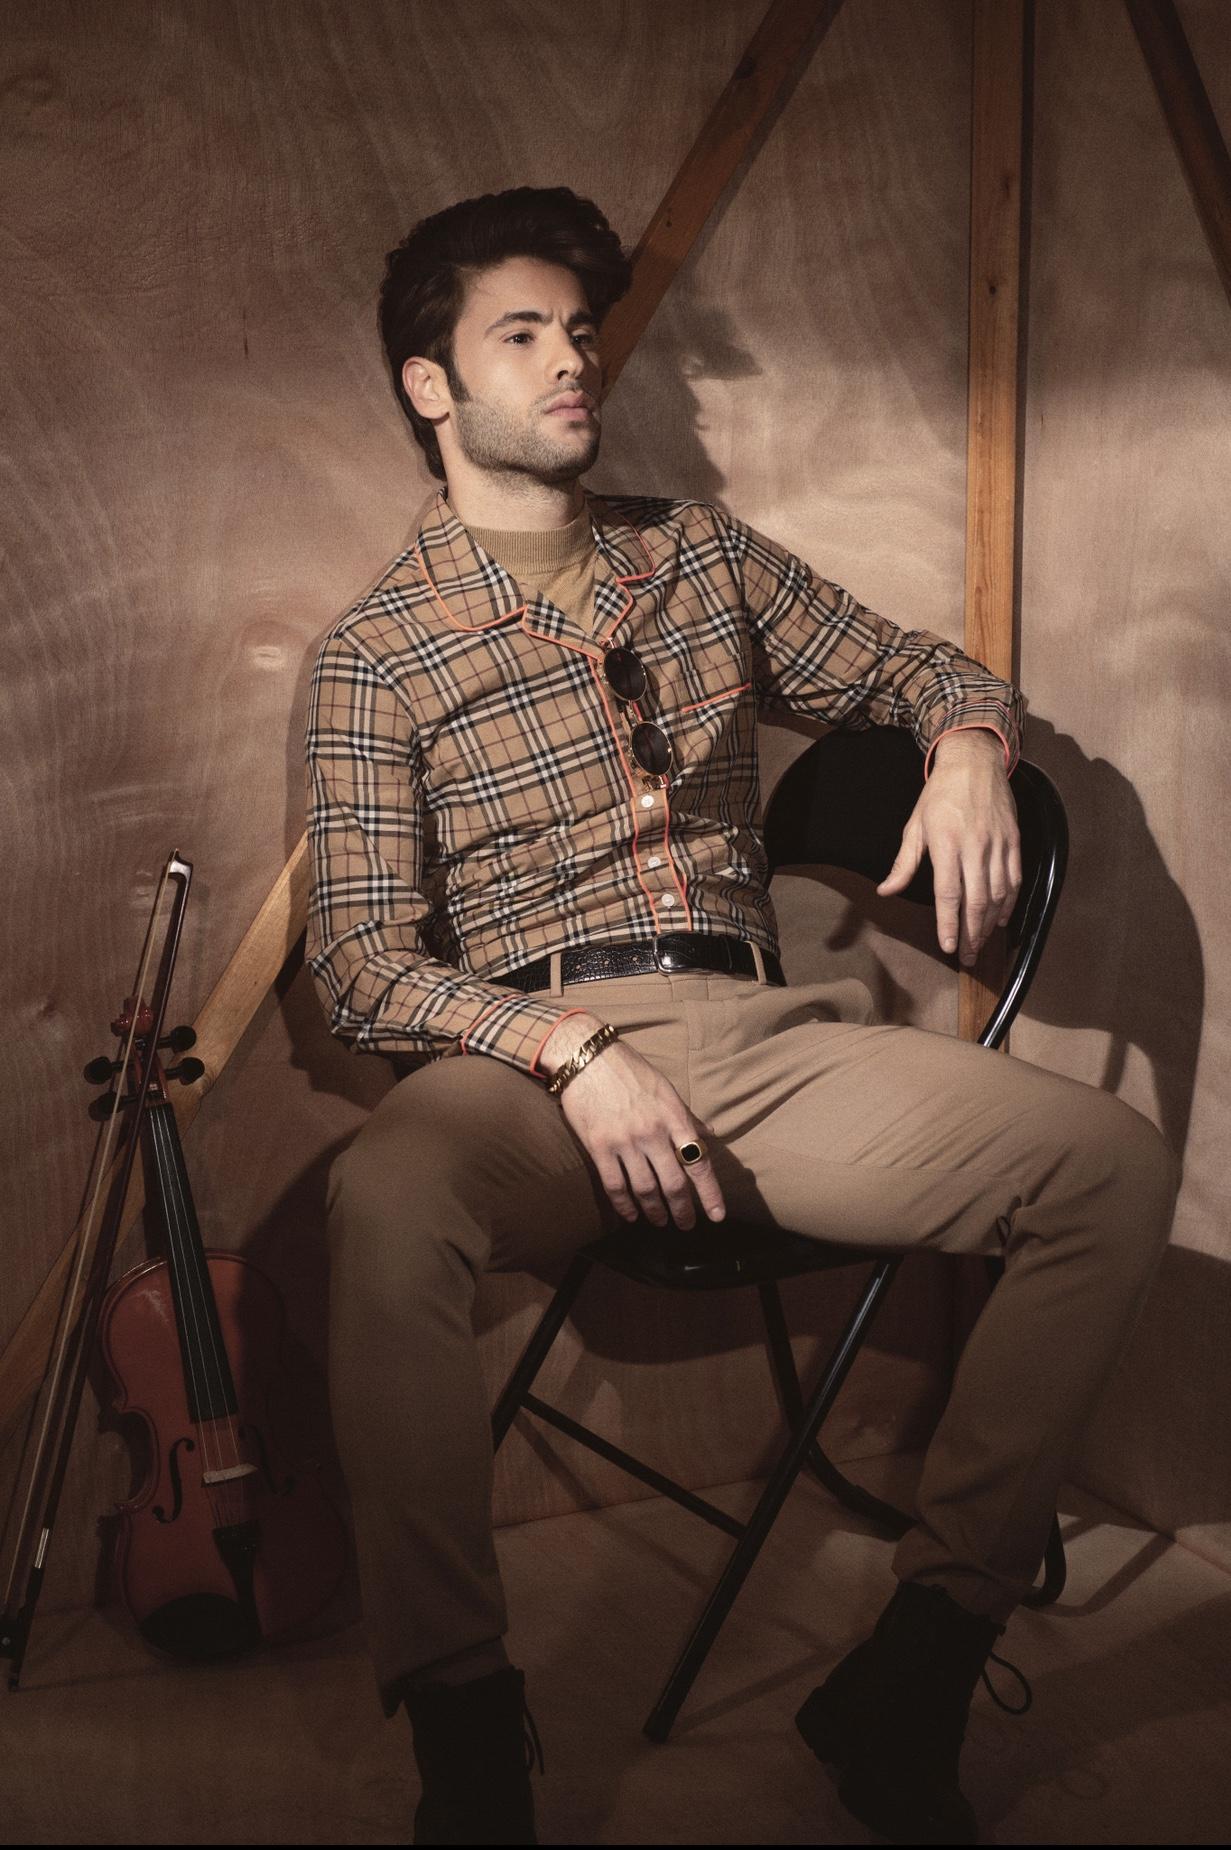 חולצה - BURBERRY, גולף - Mango, מכנסיים - Zara, מגפיים - Pull and bear, חגורה - Zara, אקססוריז - AIN KER